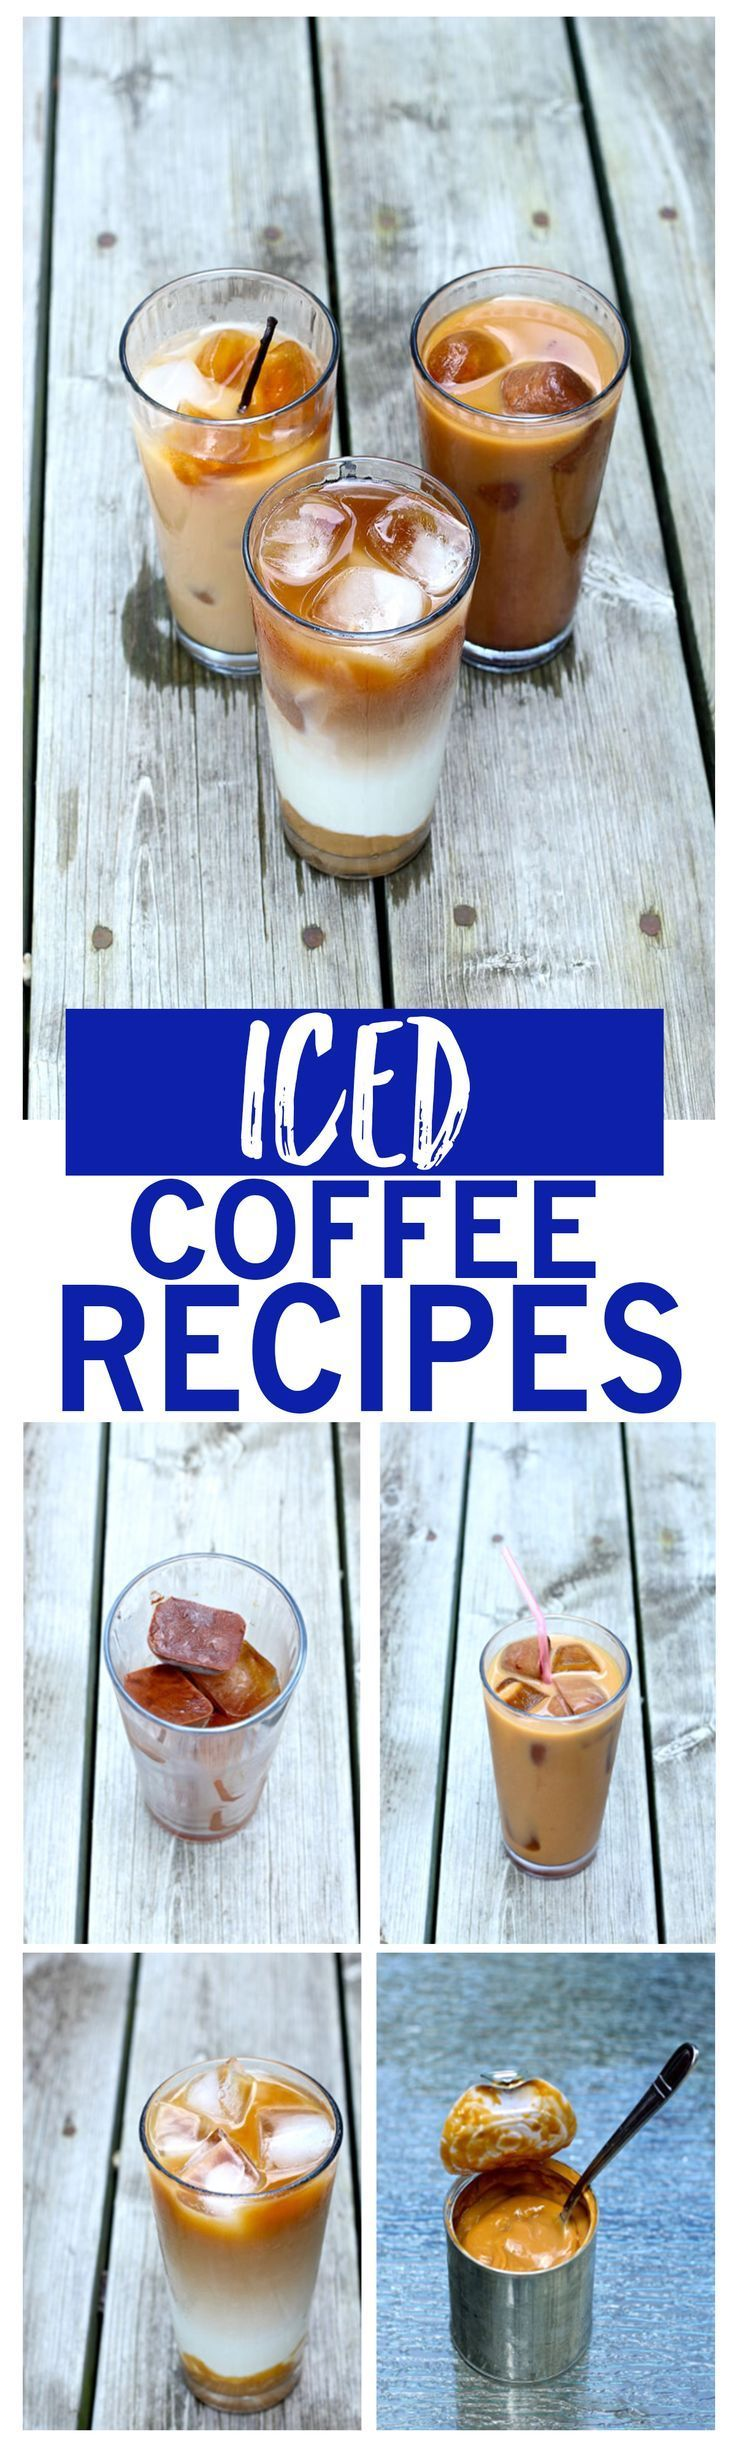 Iced coffee recipes caramel vanilla and mocha with